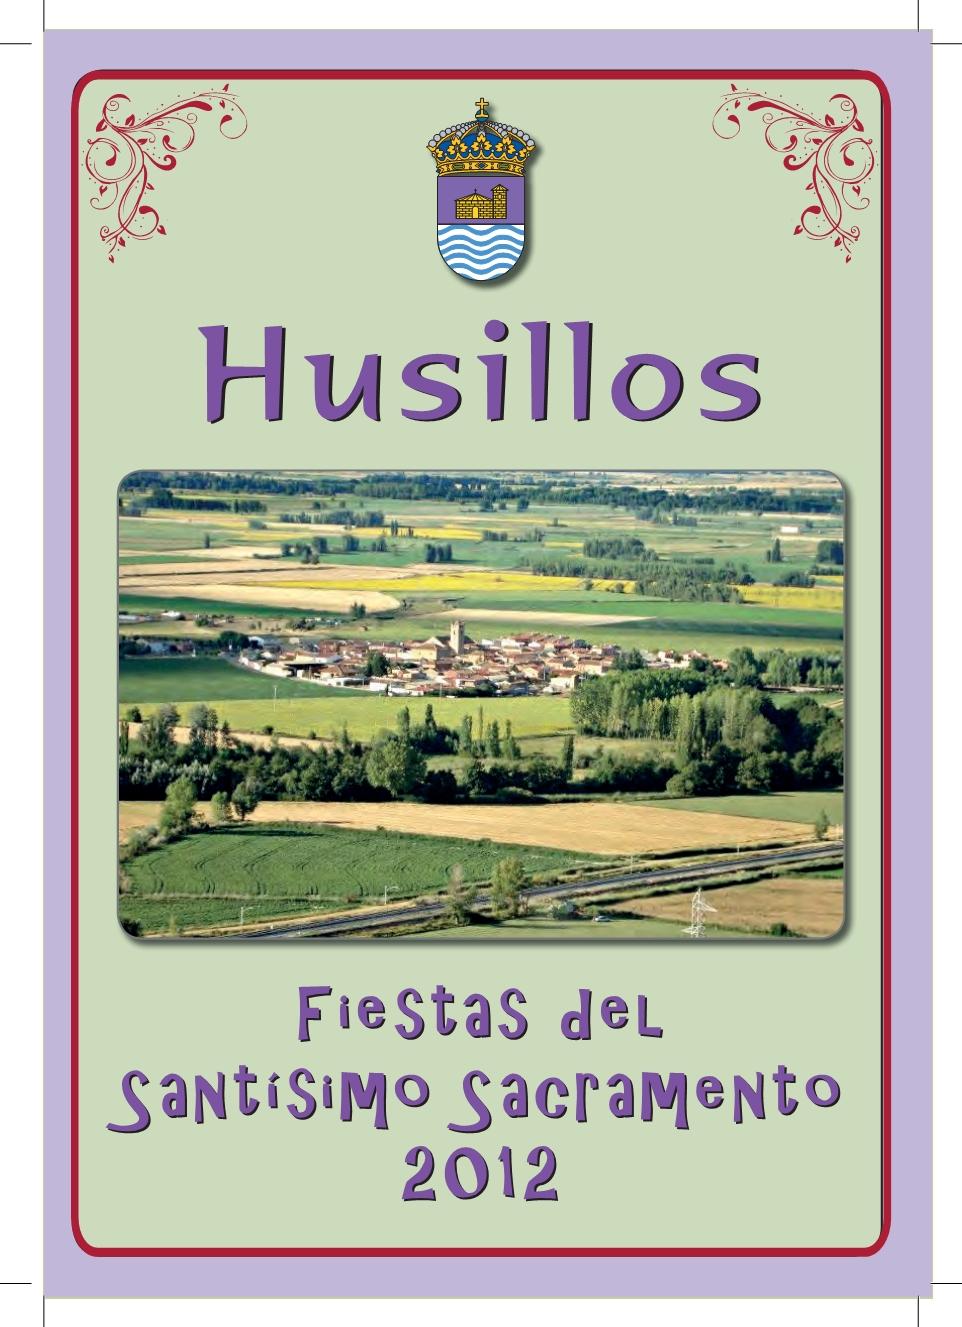 Fiestas del Santísimo Sacramento 2012